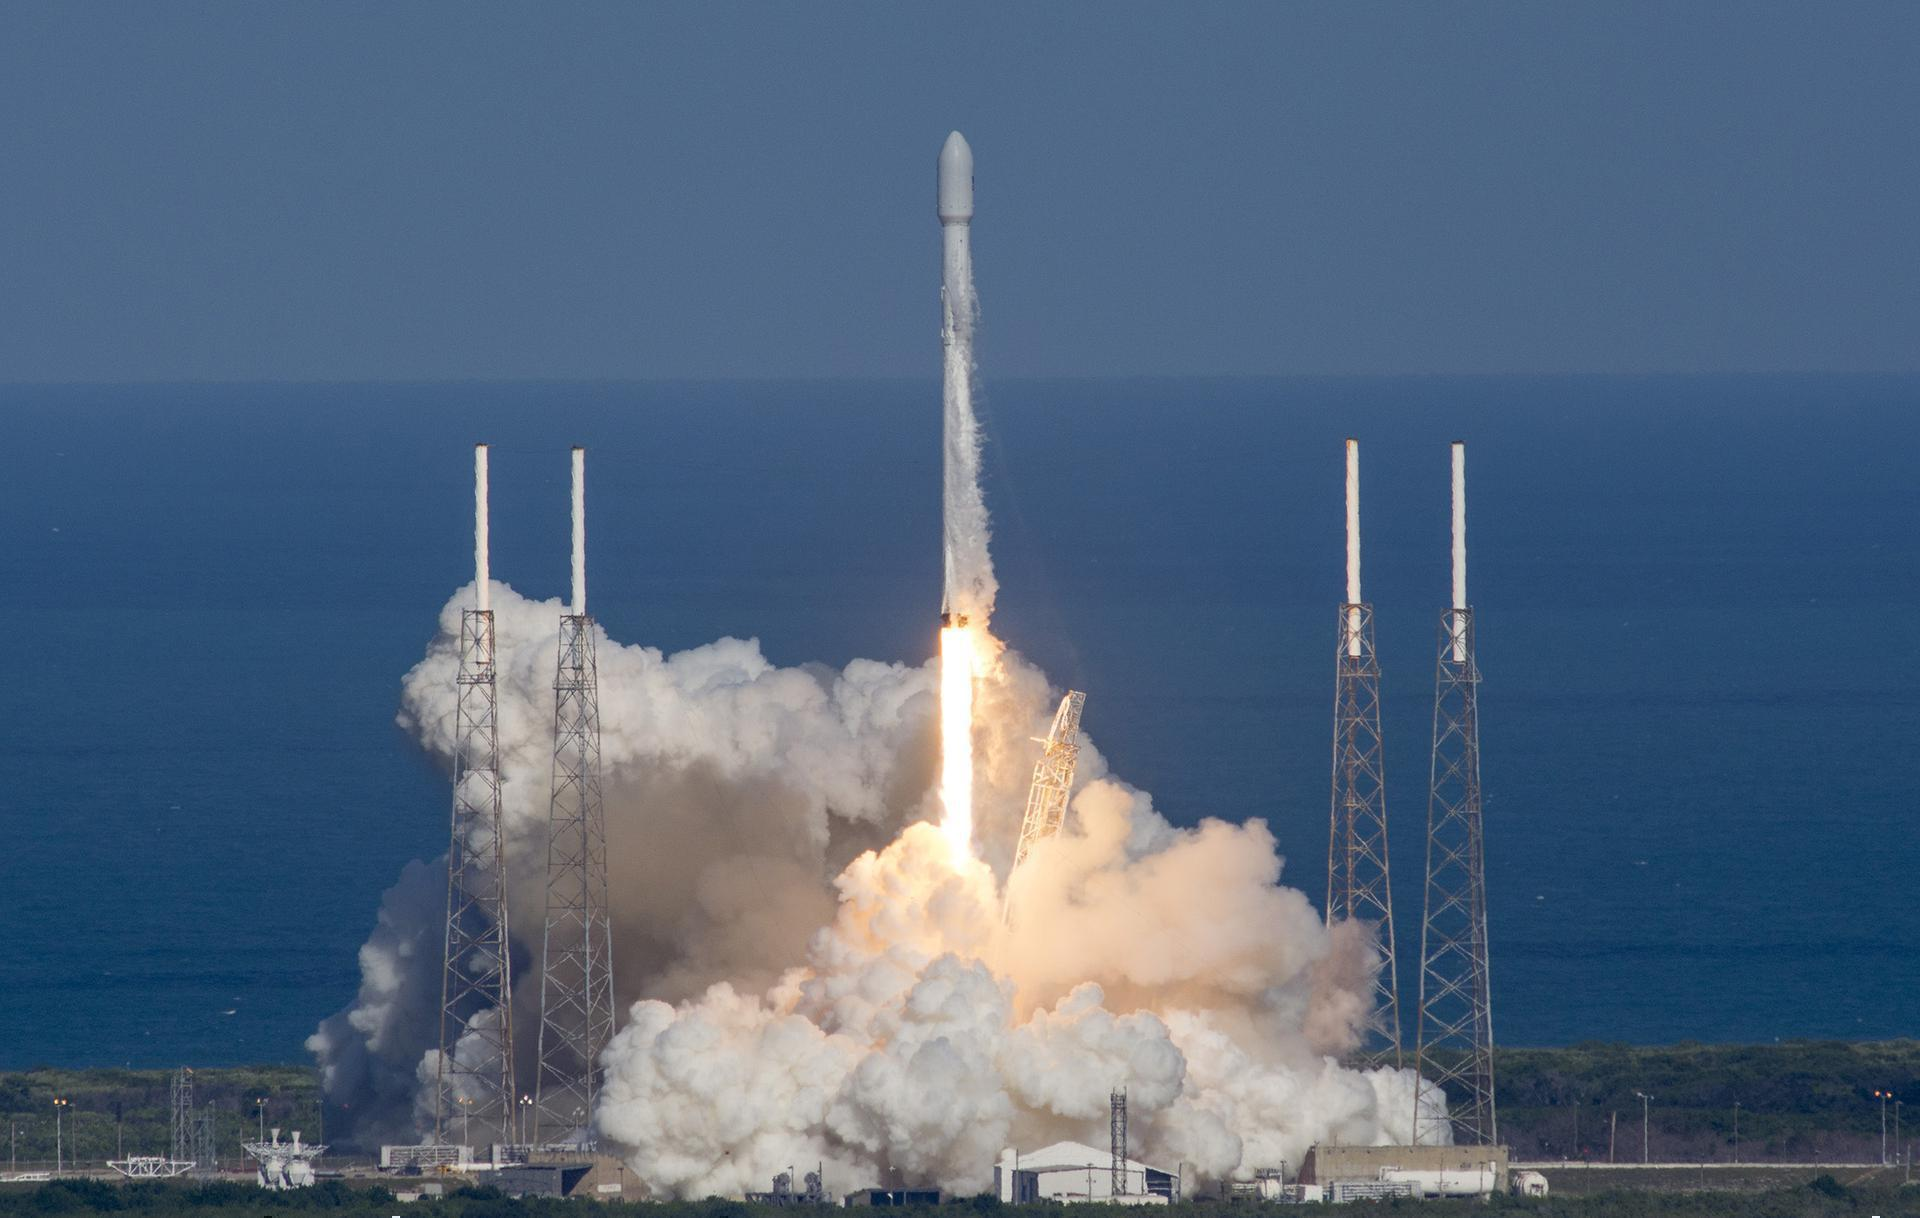 Falcon 9 Full Thrust | SpX CRS-8